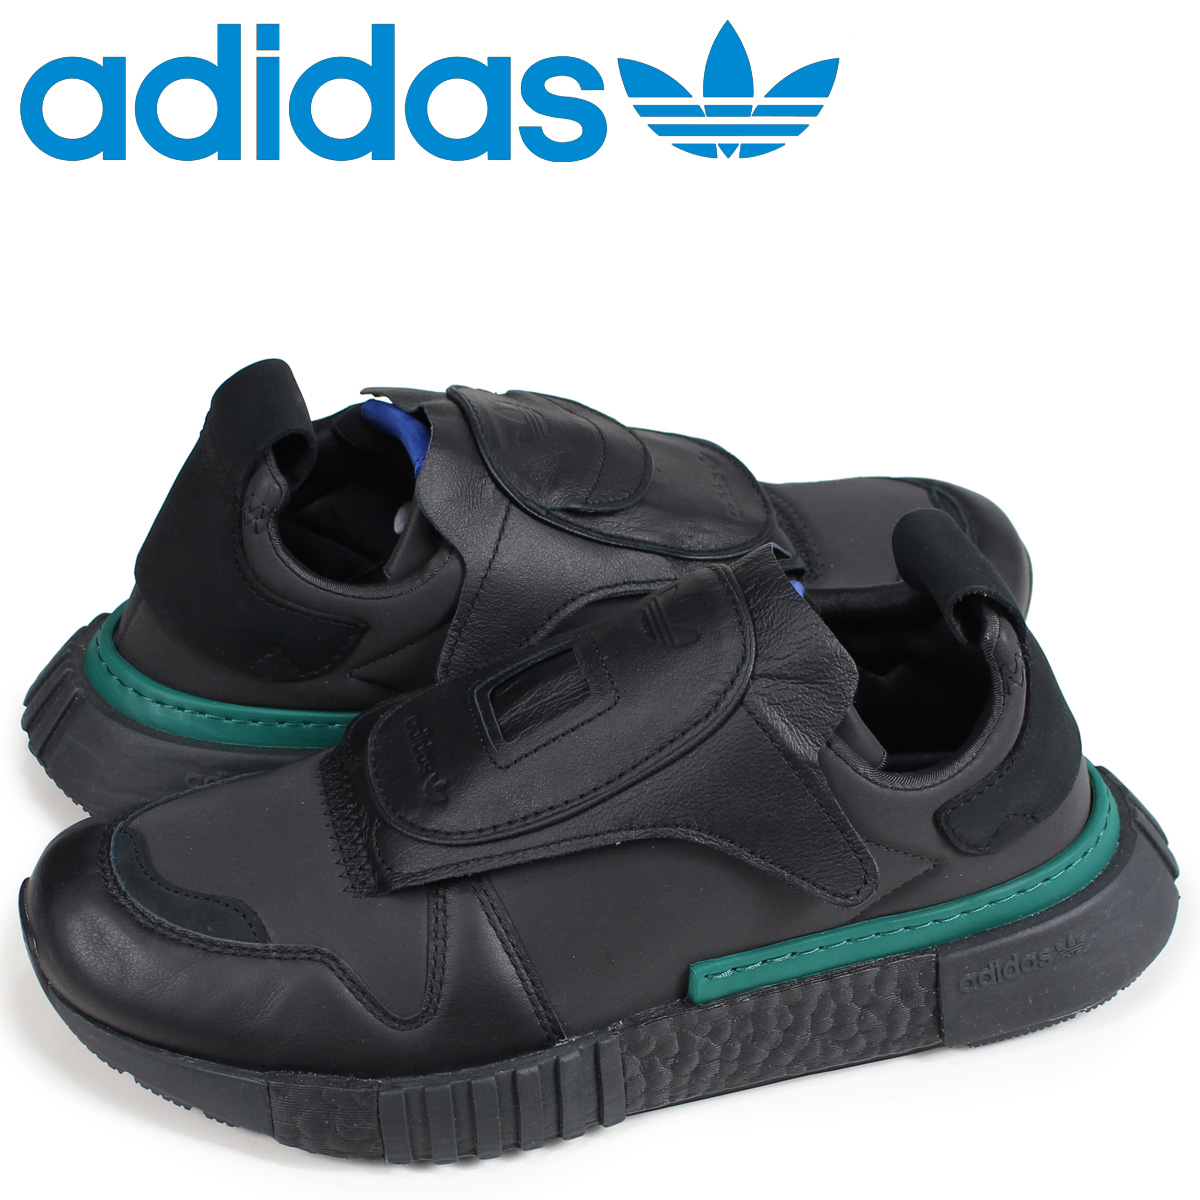 アディダス オリジナルス adidas Originals フューチャーペーサー スニーカー FUTURPACER メンズ B37266 ブラック